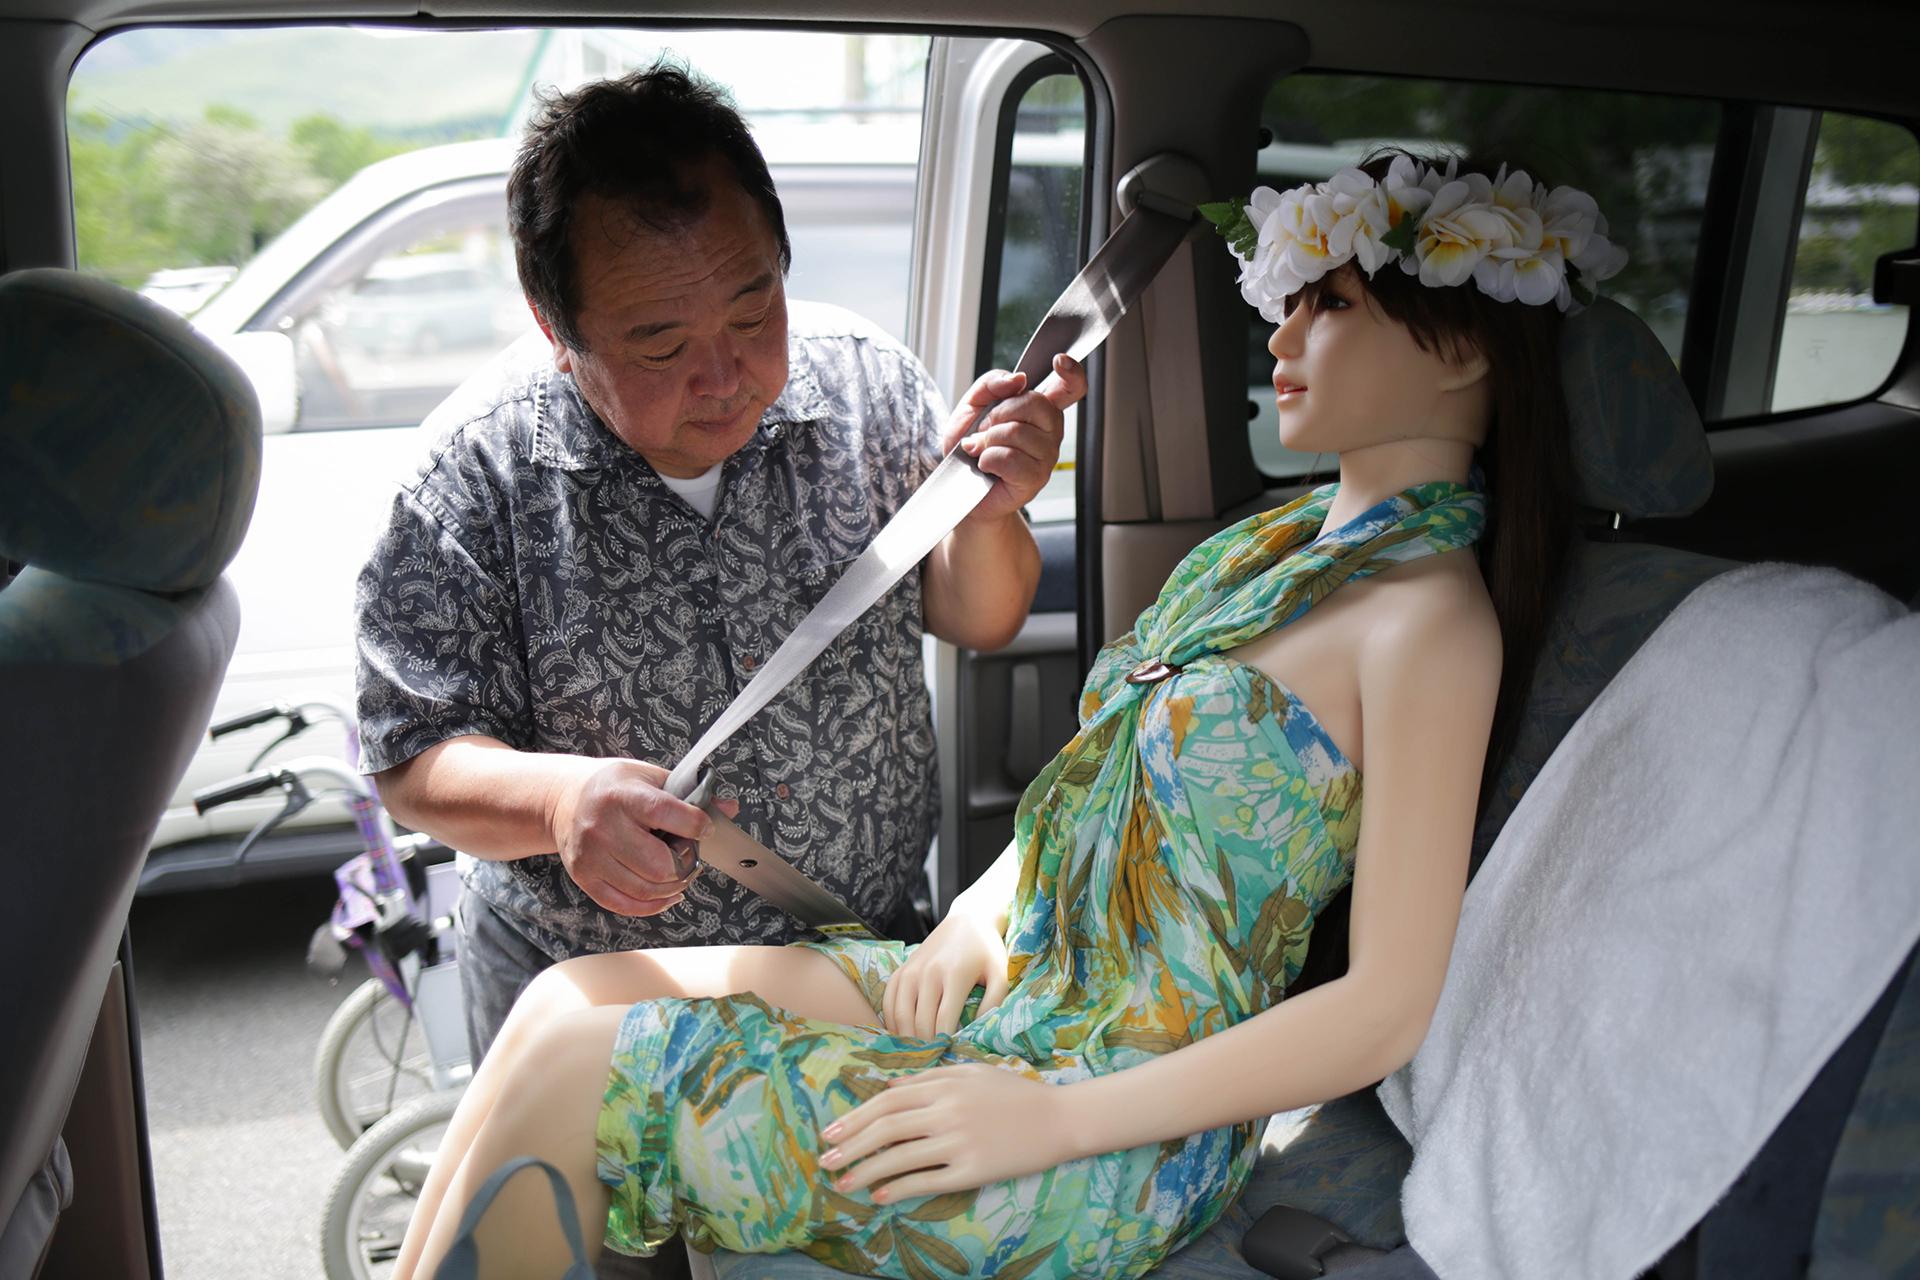 El empresario le abrocha el cinturón de seguridad para protegerla cuando viajan juntos